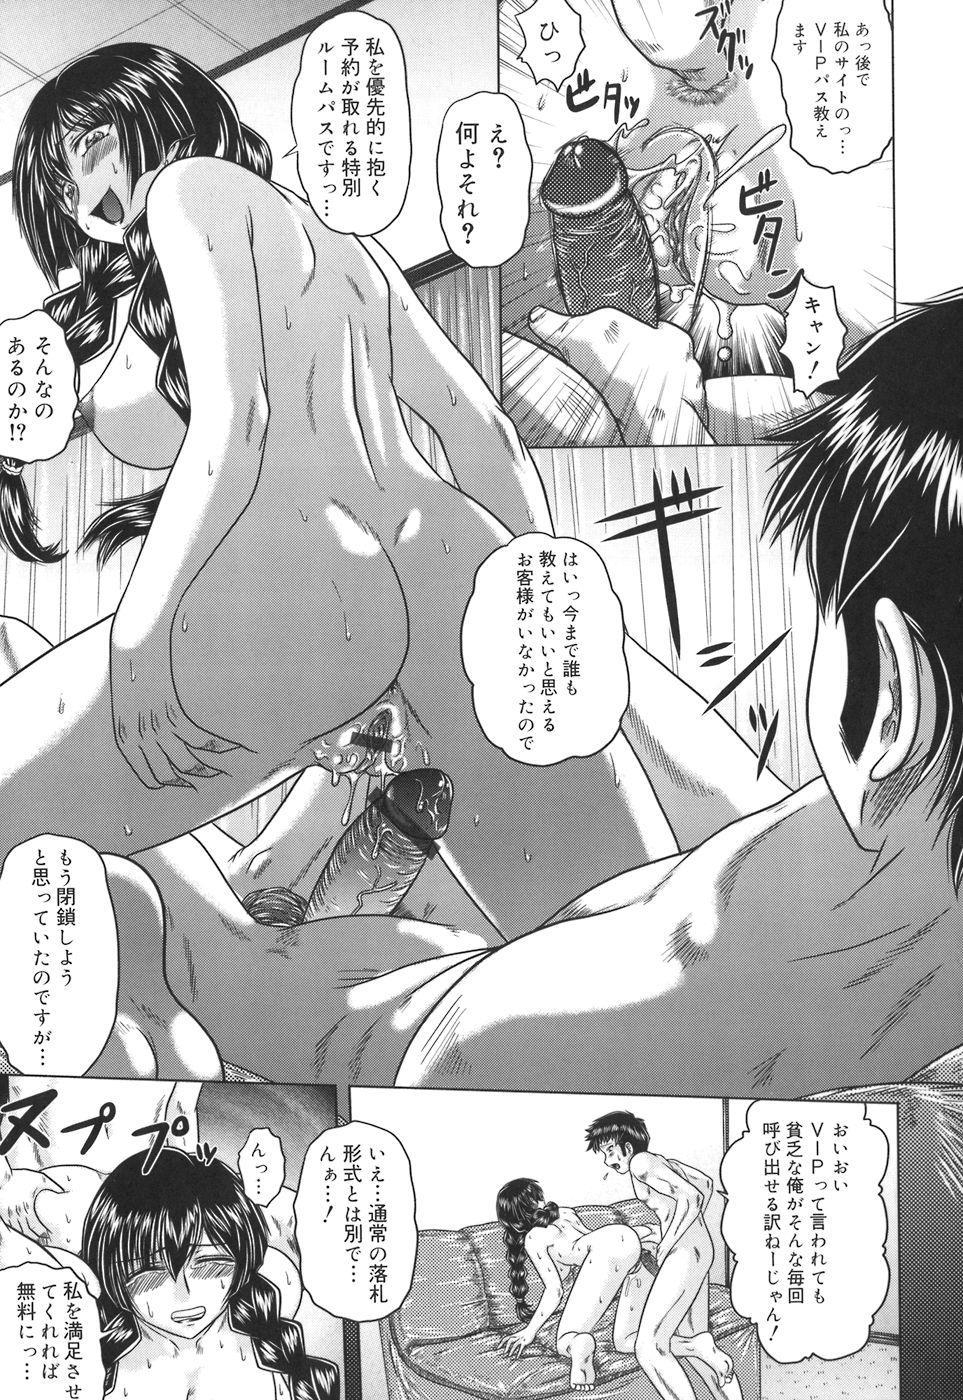 Iroka no Himitsu 181